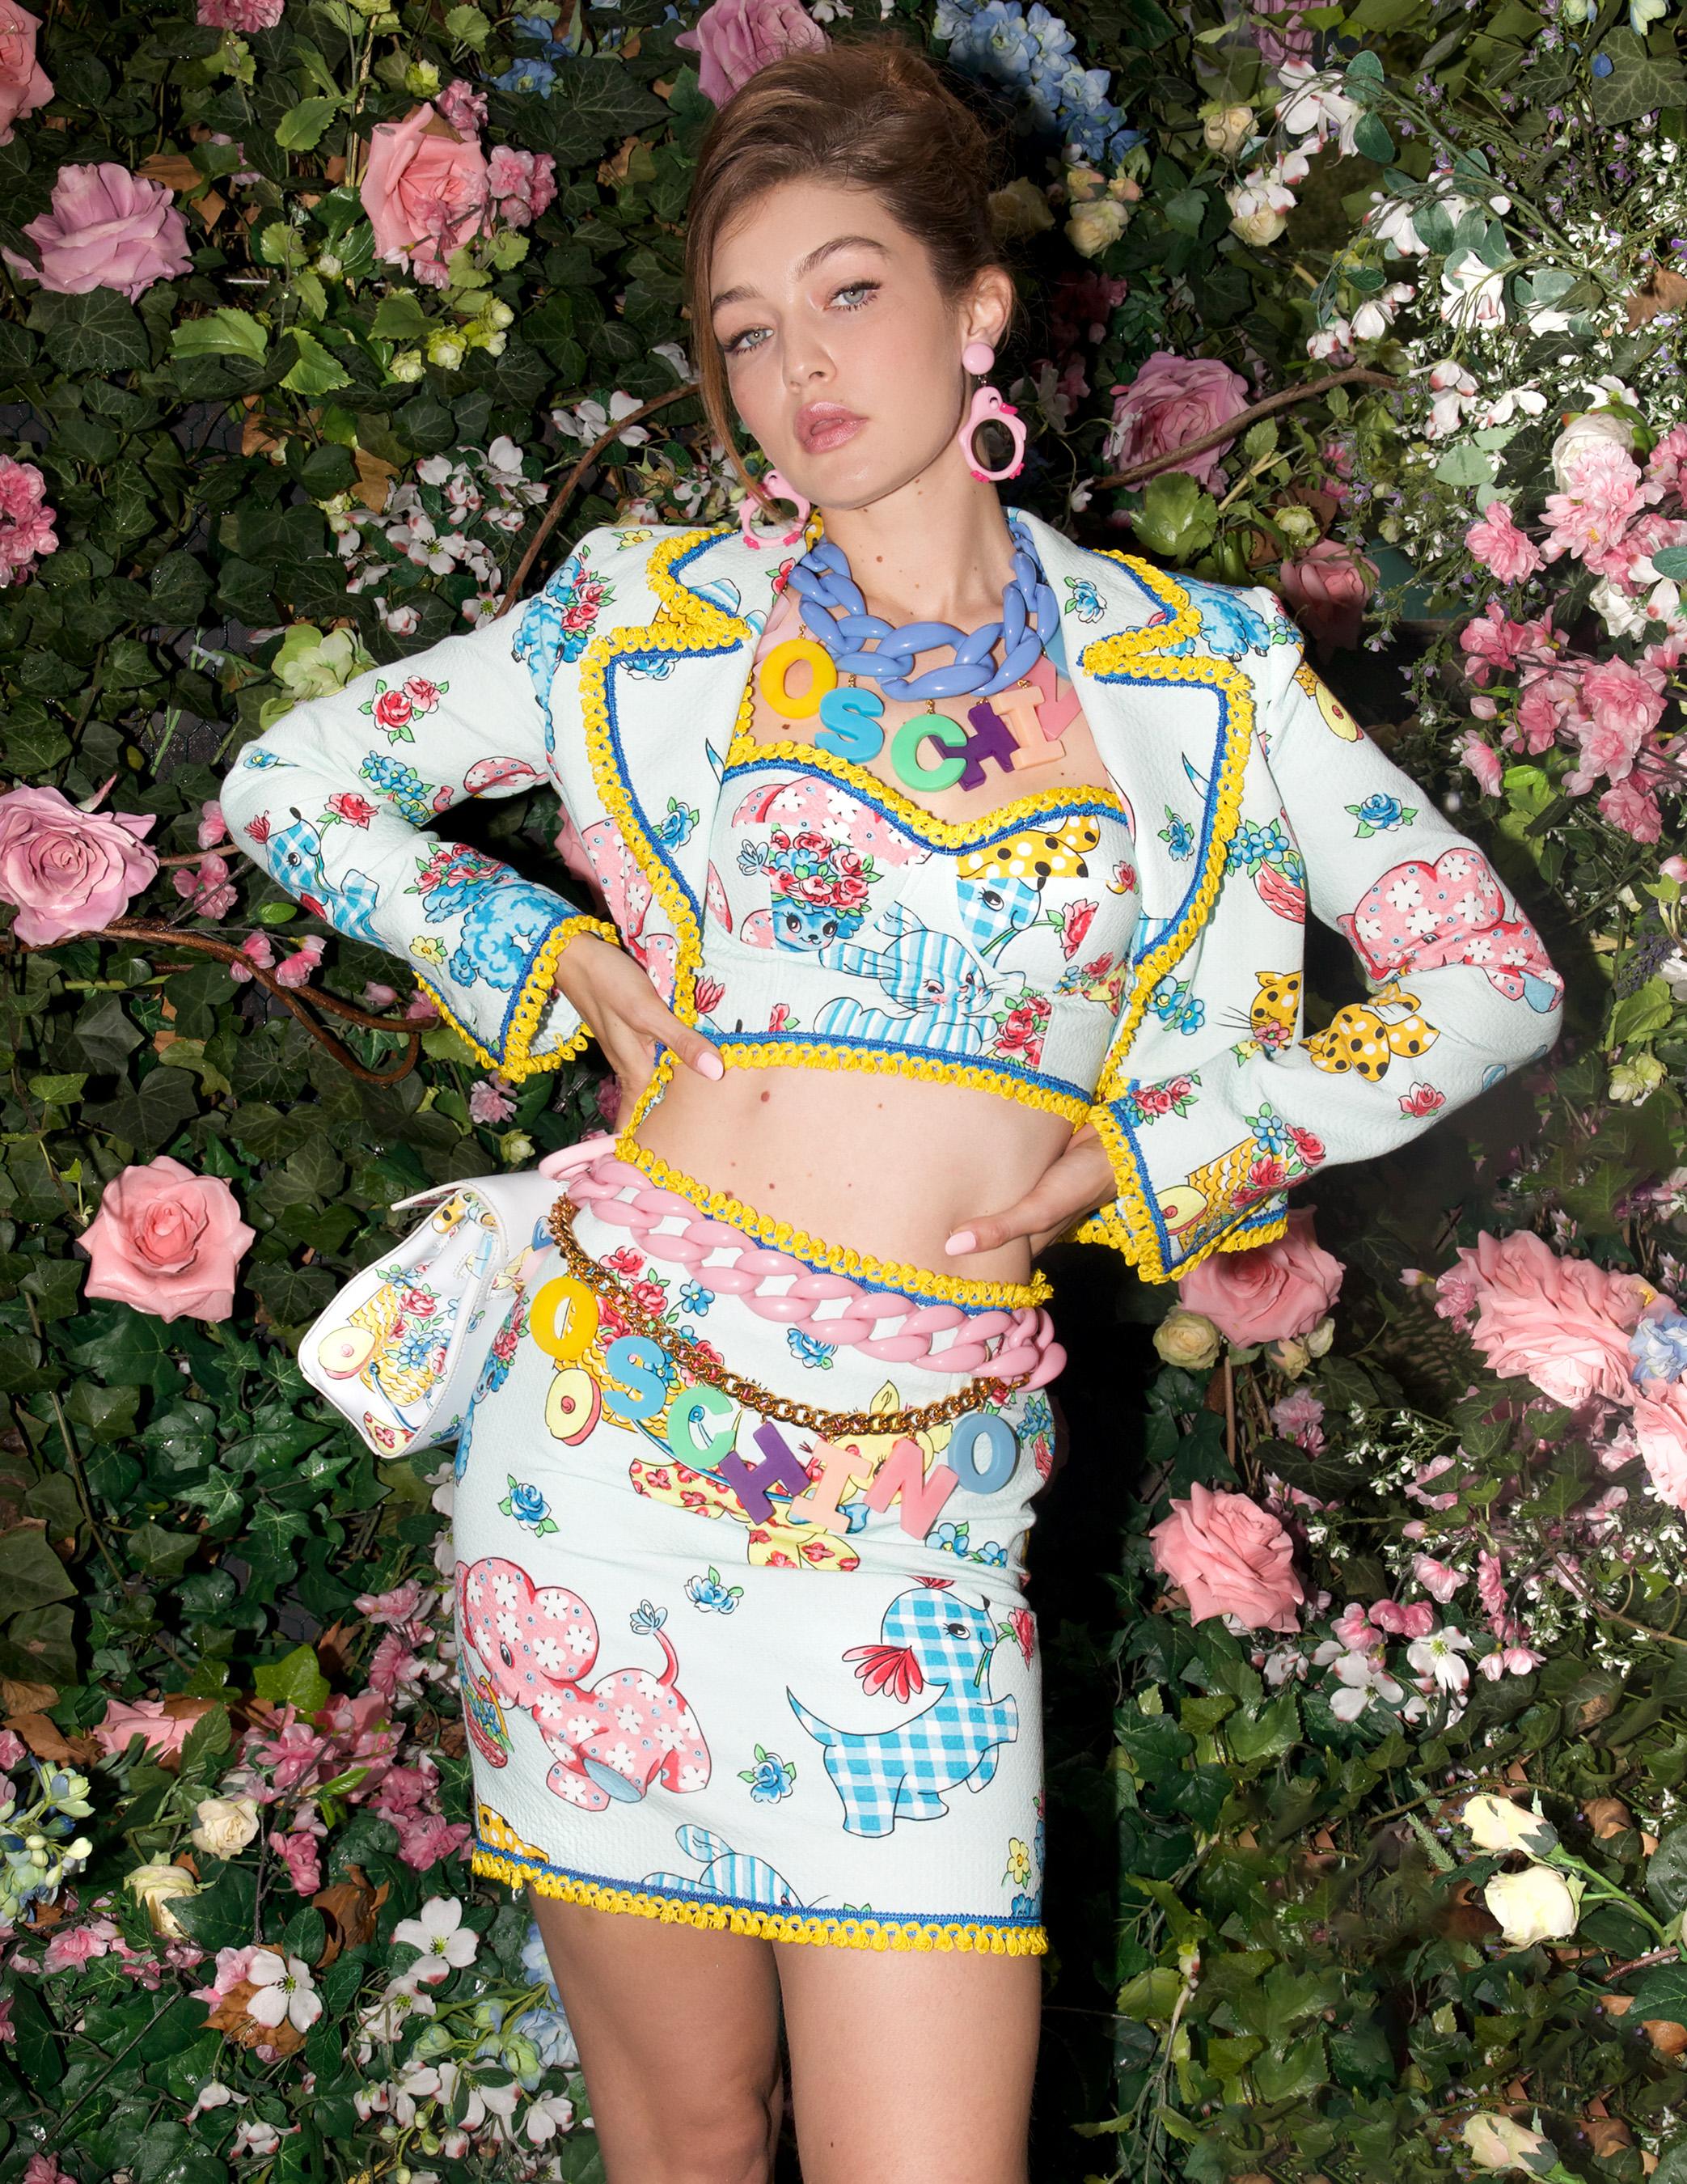 Moschino Spring 2022 Backstage Fashion Show